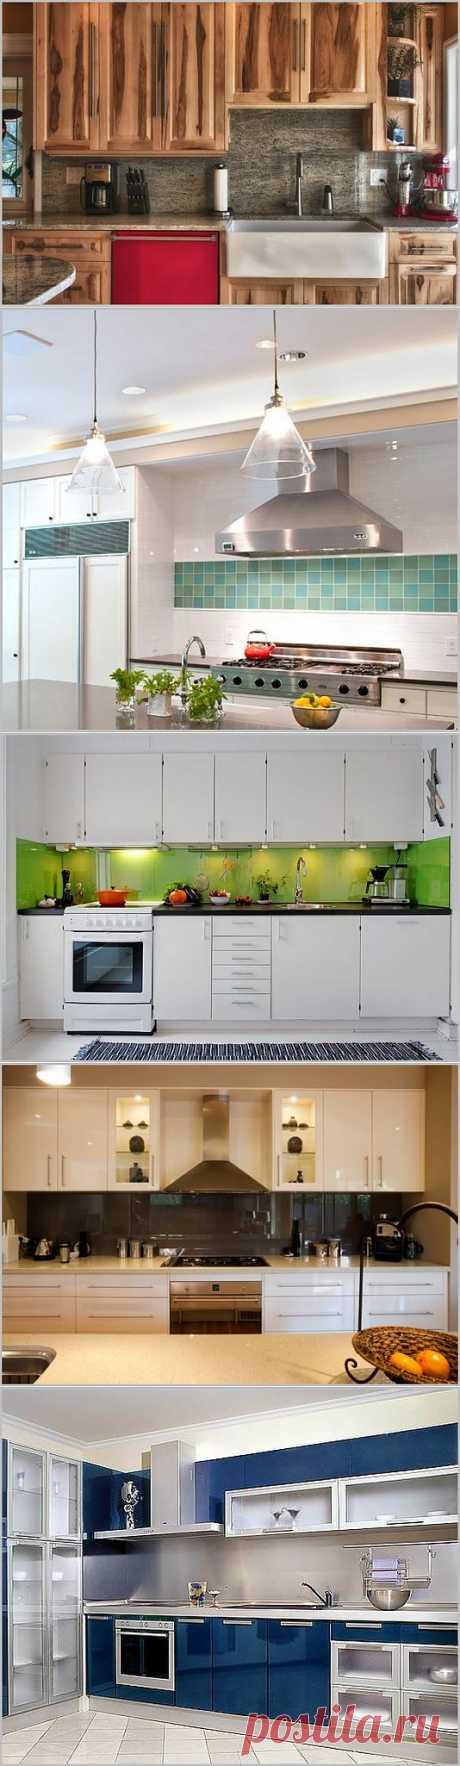 Цвет фартука для кухни: как правильно подбирать